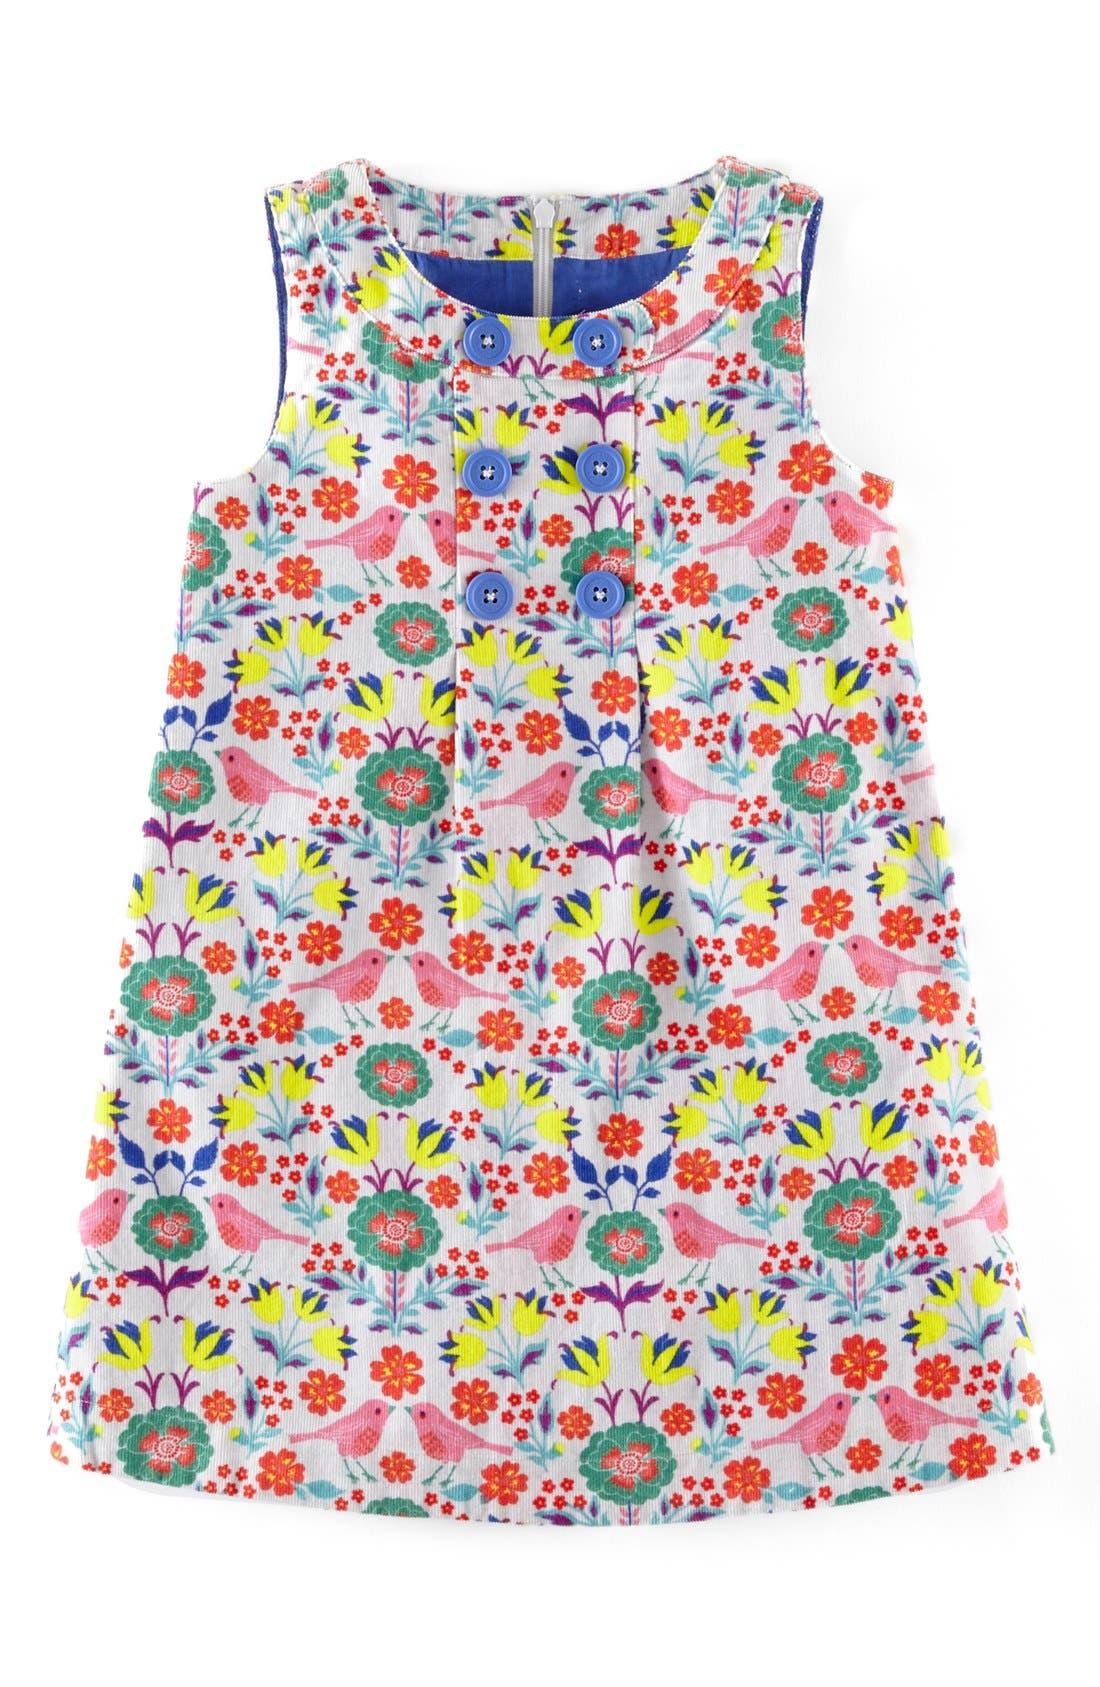 Alternate Image 1 Selected - Mini Boden Sleeveless Corduroy Dress (Toddler Girls, Little Girls & Big Girls)